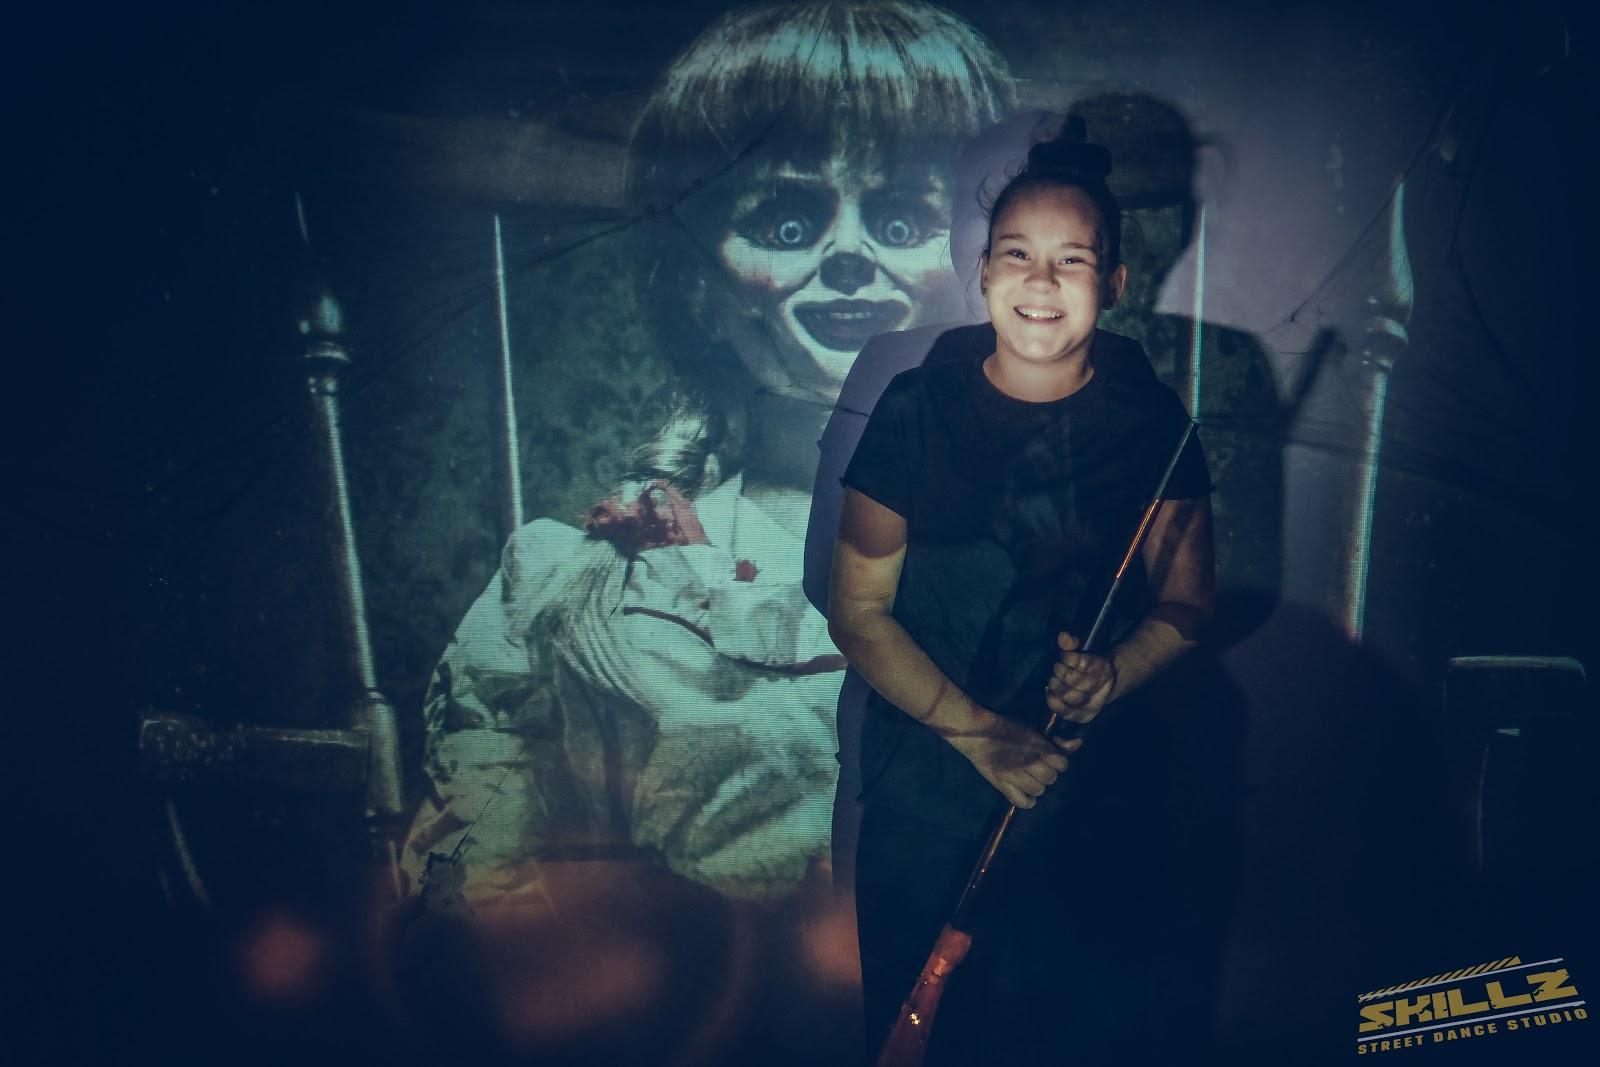 Naujikų krikštynos @SKILLZ (Halloween tema) - PANA1577.jpg